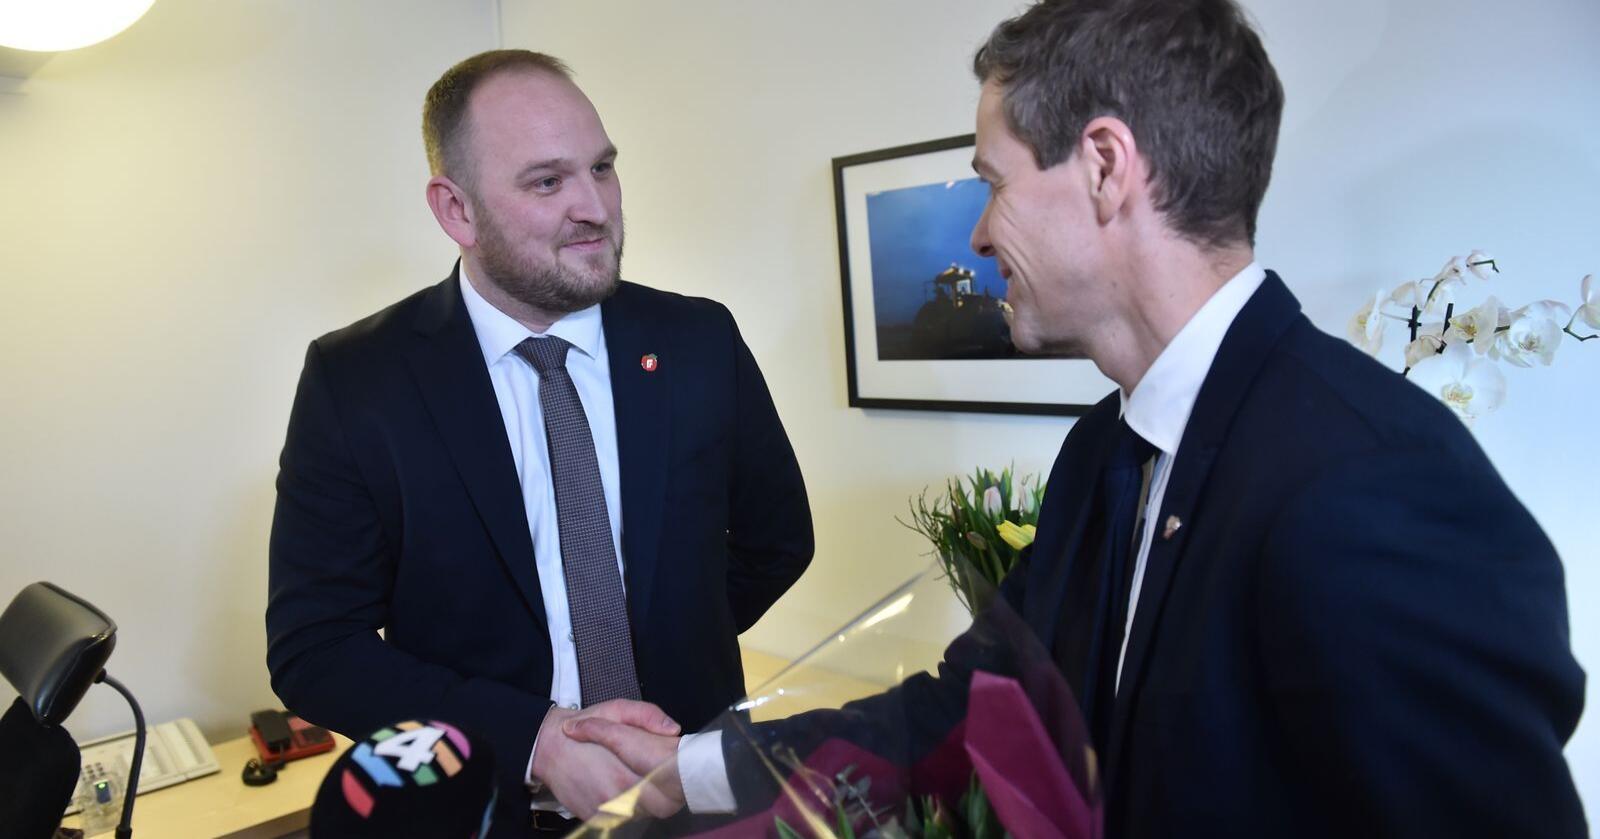 Nøkkeloverrekkelse i samferdselsdepartementet mellom Jon Georg Dale (Frp) og Knut Arild Hareide (KrF) i Oslo fredag. Foto: Fredrik Varfjell / NTB scanpix